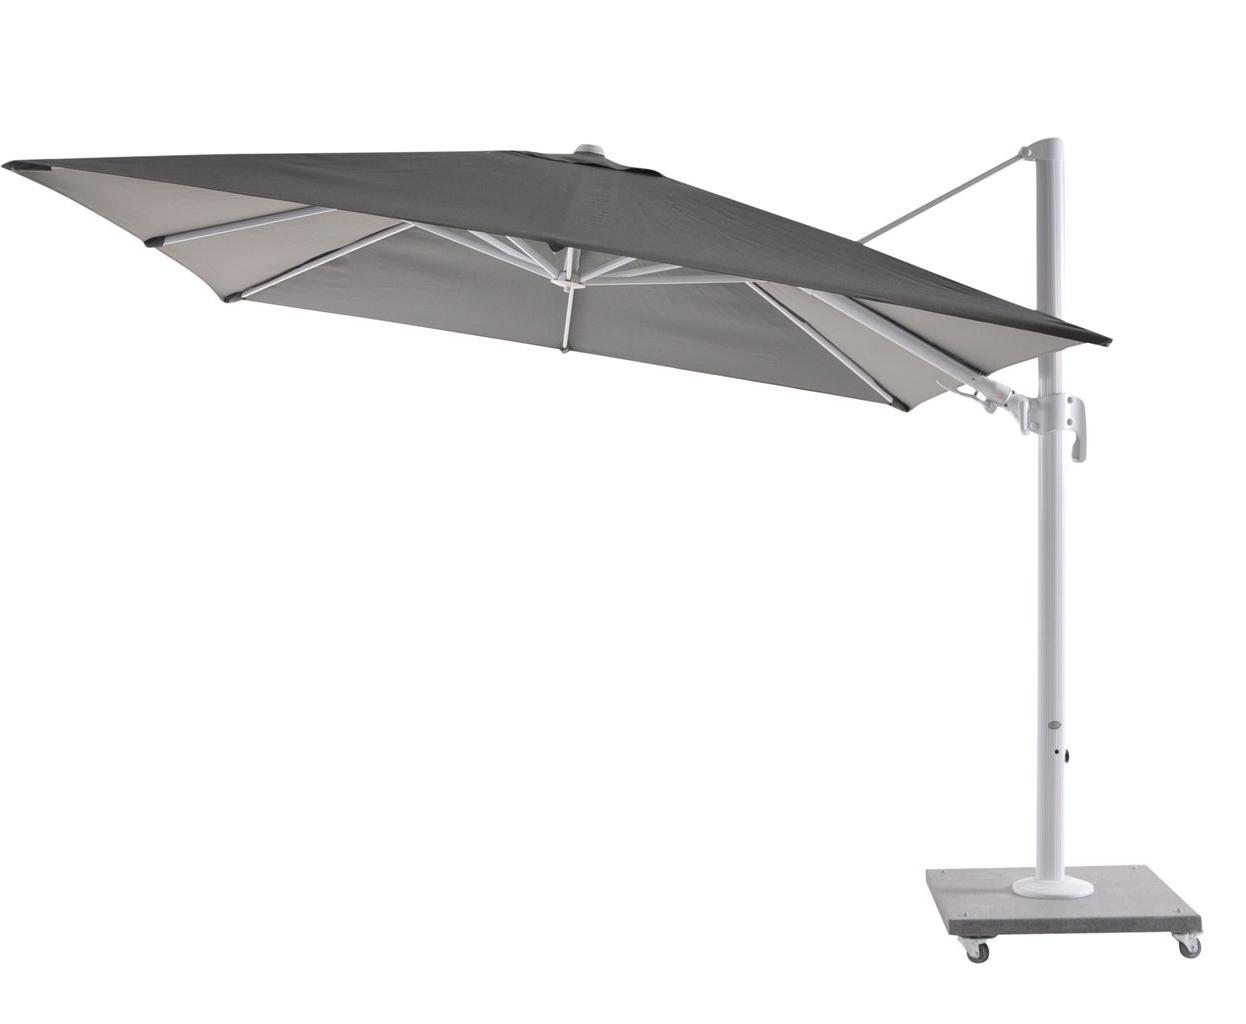 Bondi Square Cantilever Umbrellas With Regard To Recent Bozarth 10' Square Cantilever Umbrella (View 16 of 20)